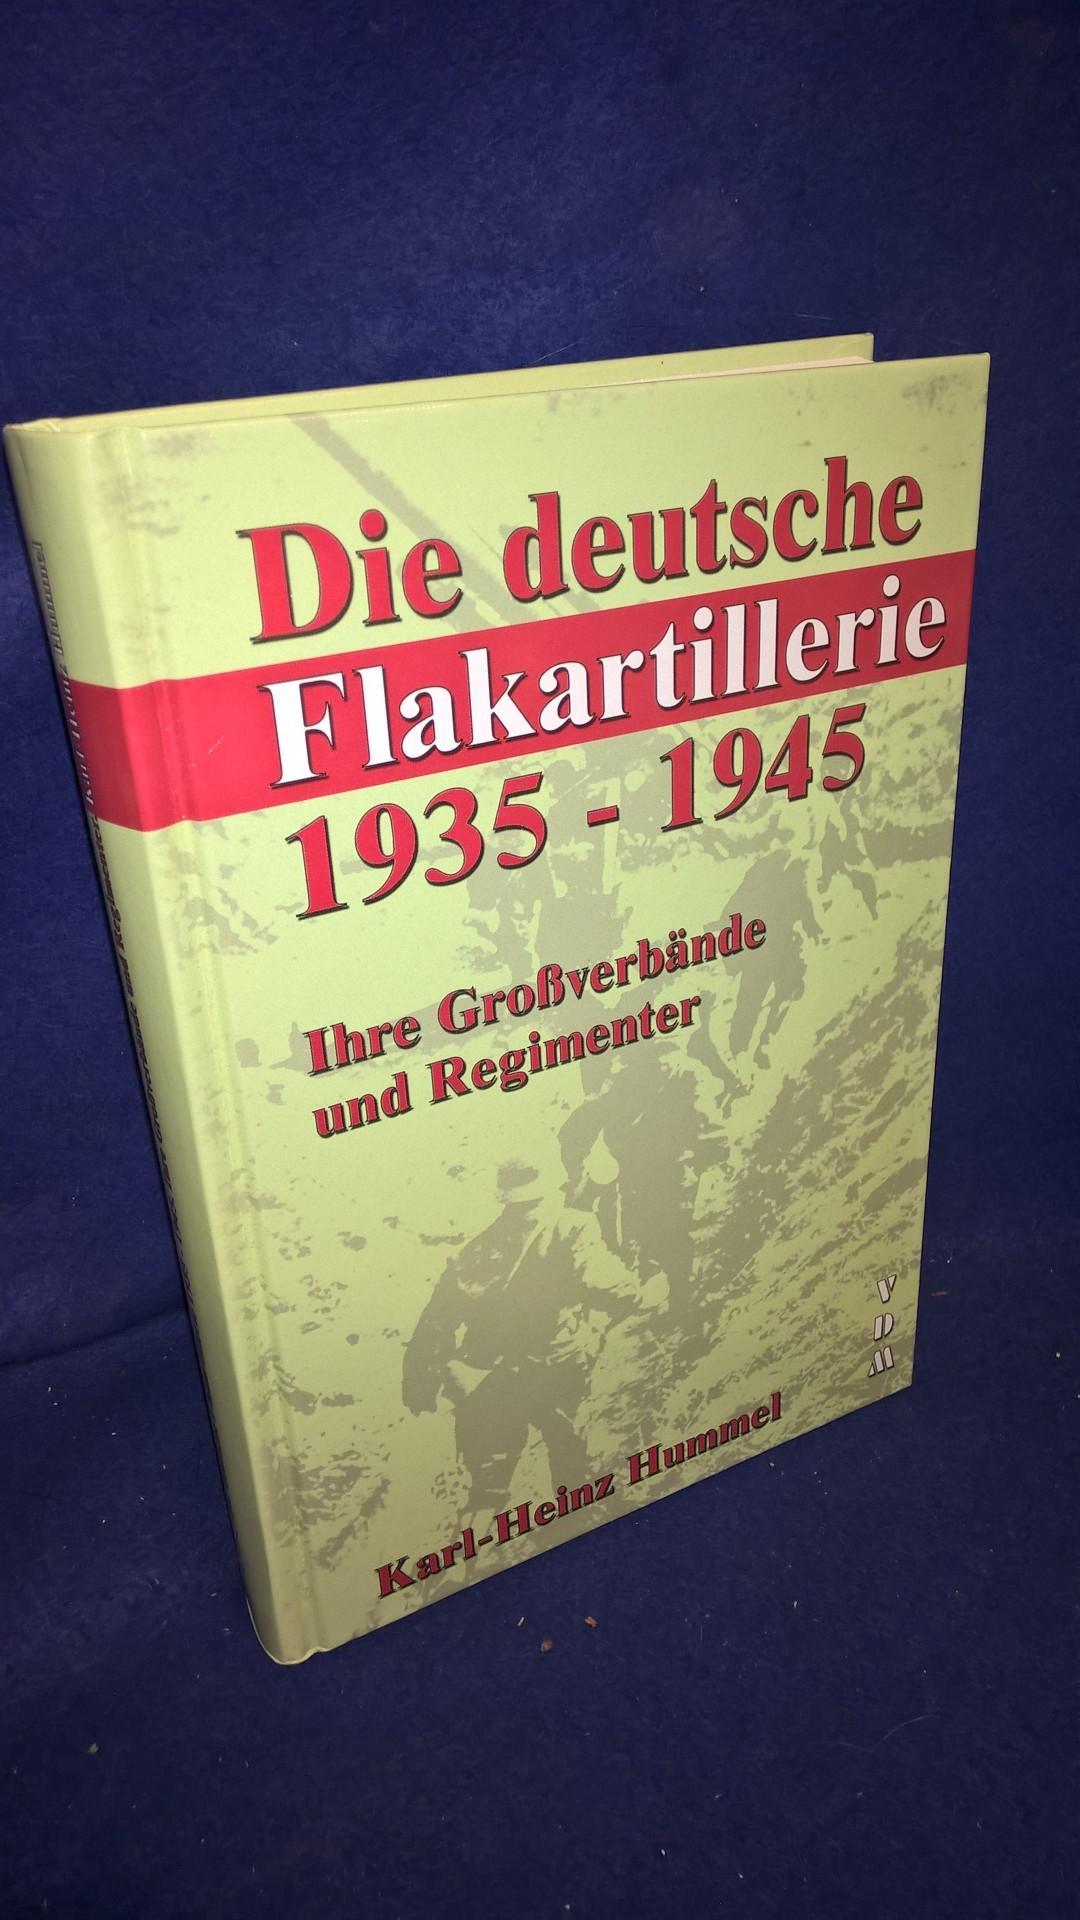 Die deutsche Flakartillerie 1935-1945: Ihre Großverbände und Regimenter.